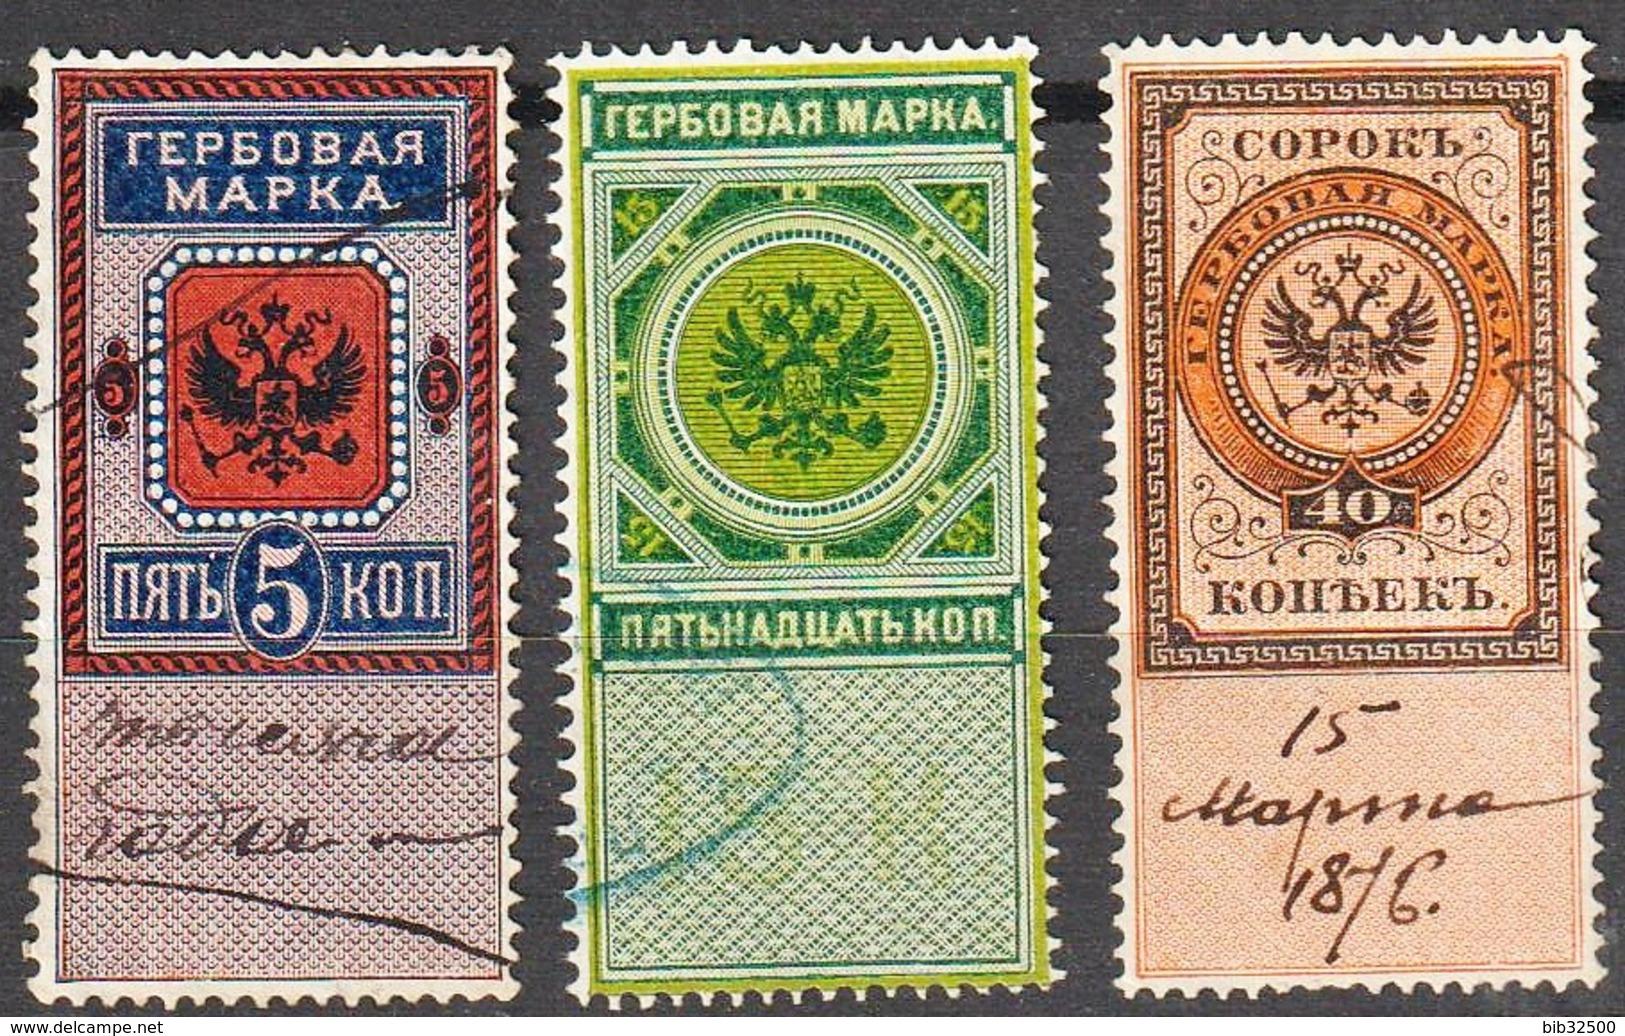 :-: Timbres Fiscaux Russes De L'Empire - 1875 -  Première émission  - N° 1 - 2 - 3 - Oblitérés - - 1857-1916 Empire